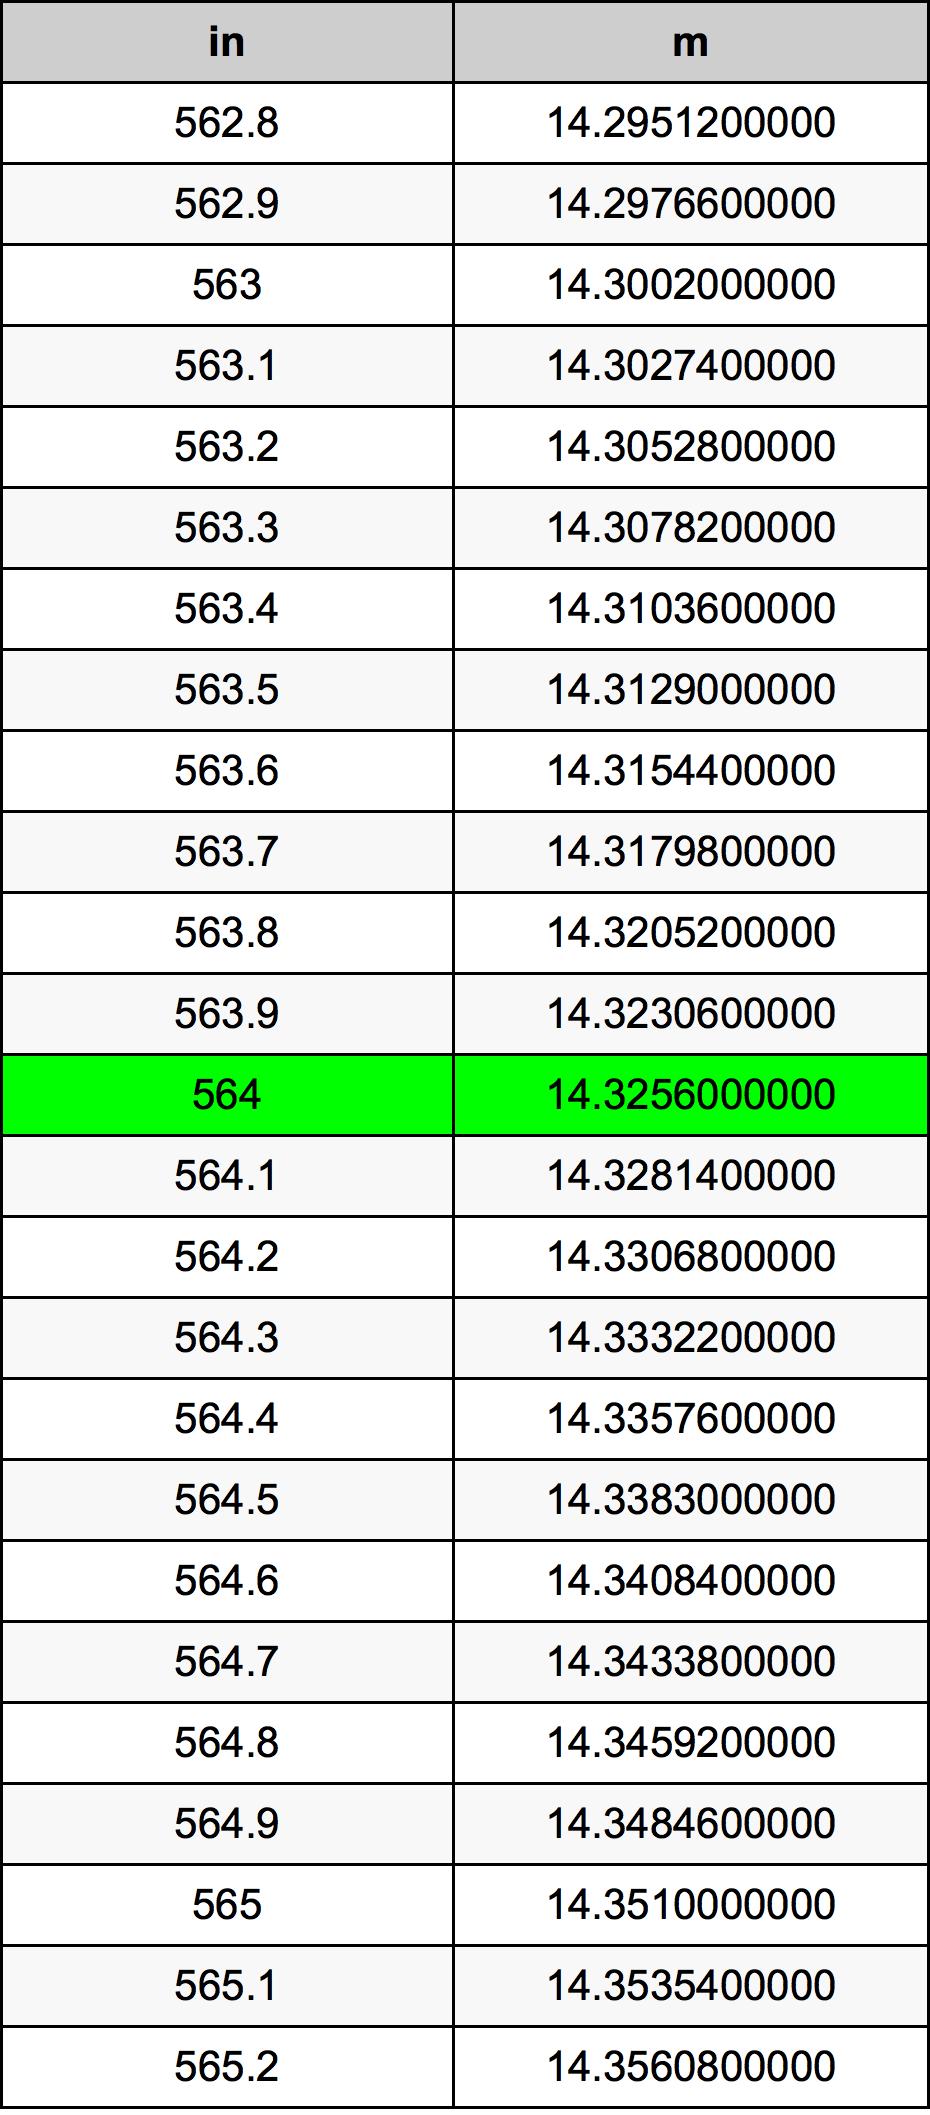 564 Palec pretvorbena tabela